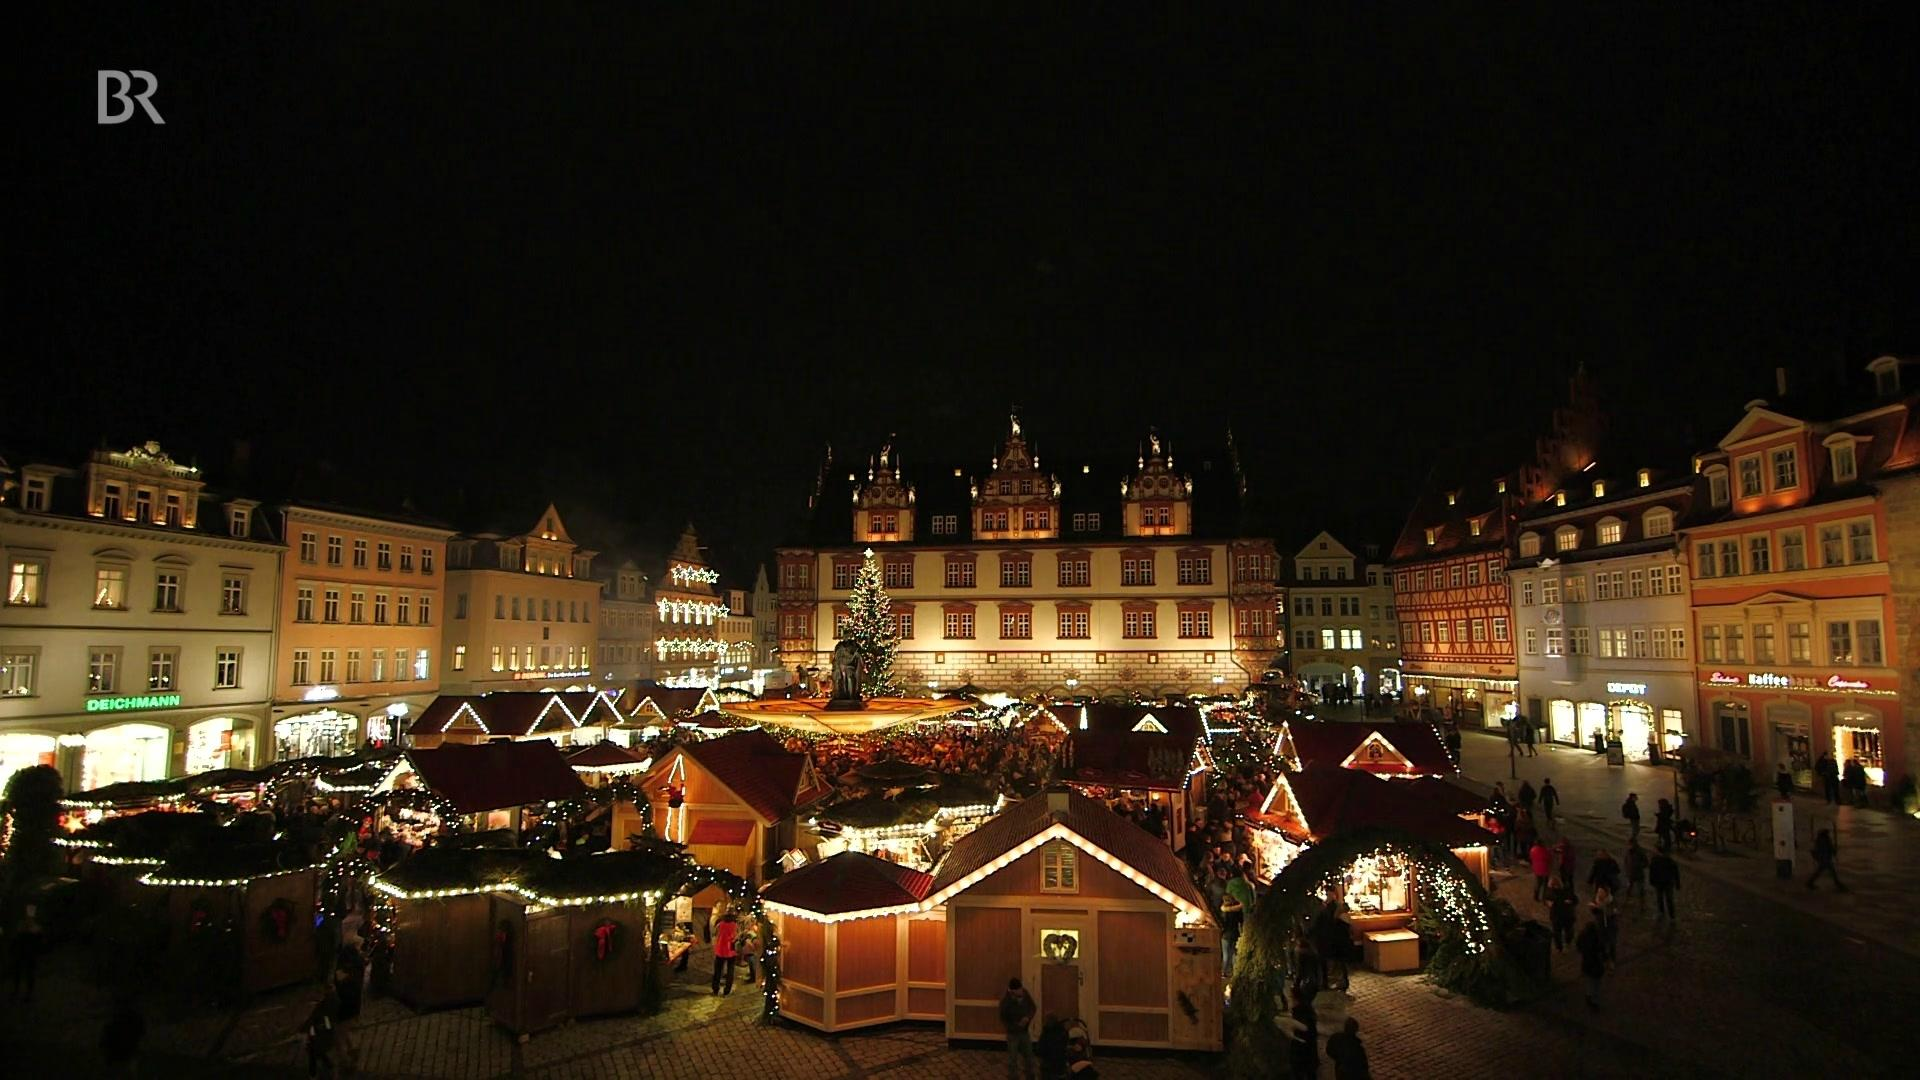 Suhl Weihnachtsmarkt.Der Coburger Weihnachtsmarkt Zwischen Bratwurst Und Glühwein